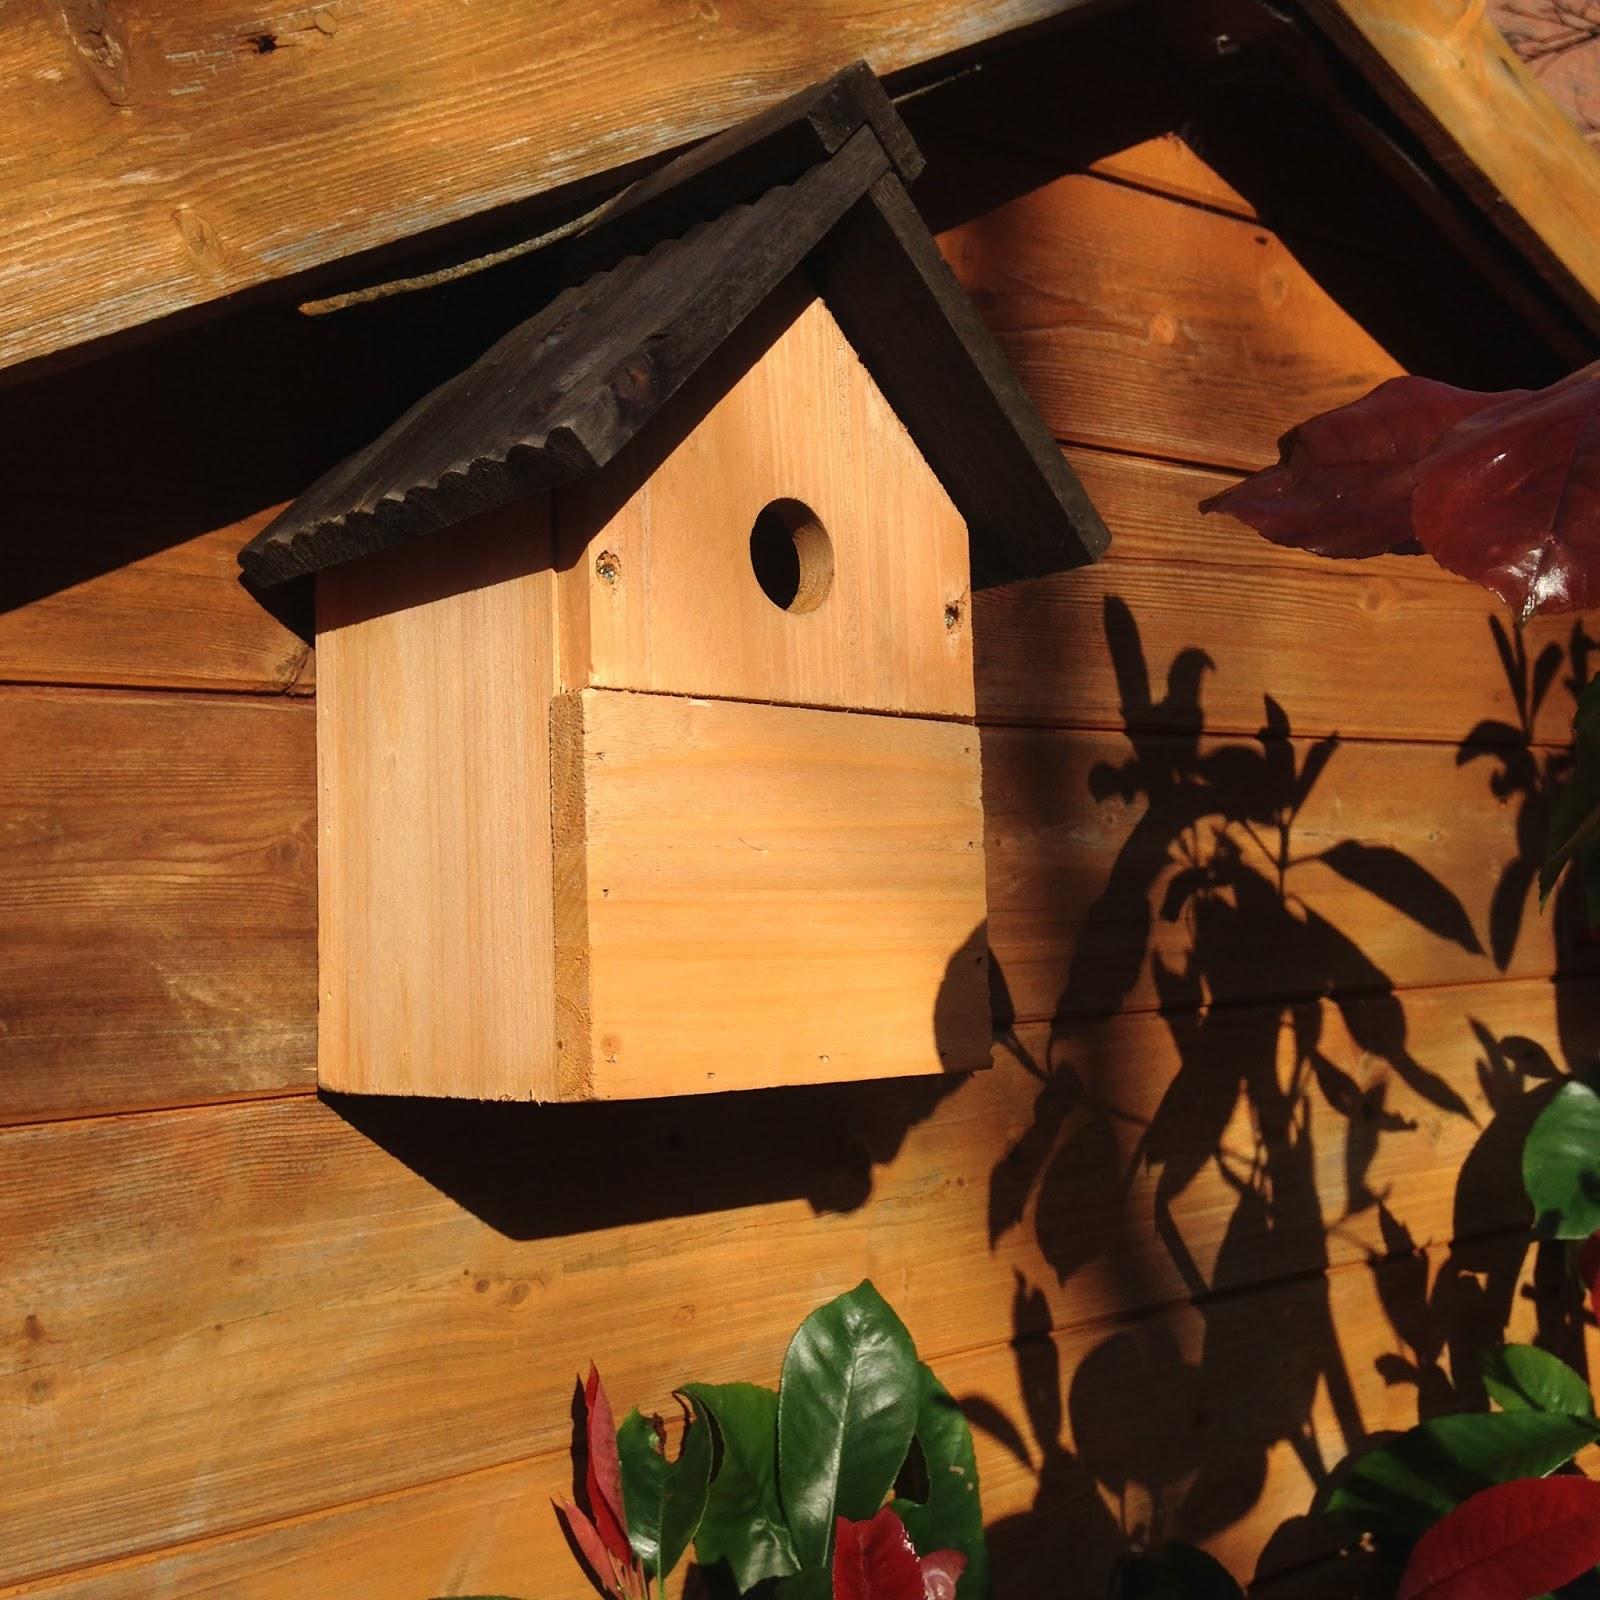 Cómo mantener a las ardillas fuera de alimentadores de aves | Soluciones sencillas - Nueva Inglaterra hoy